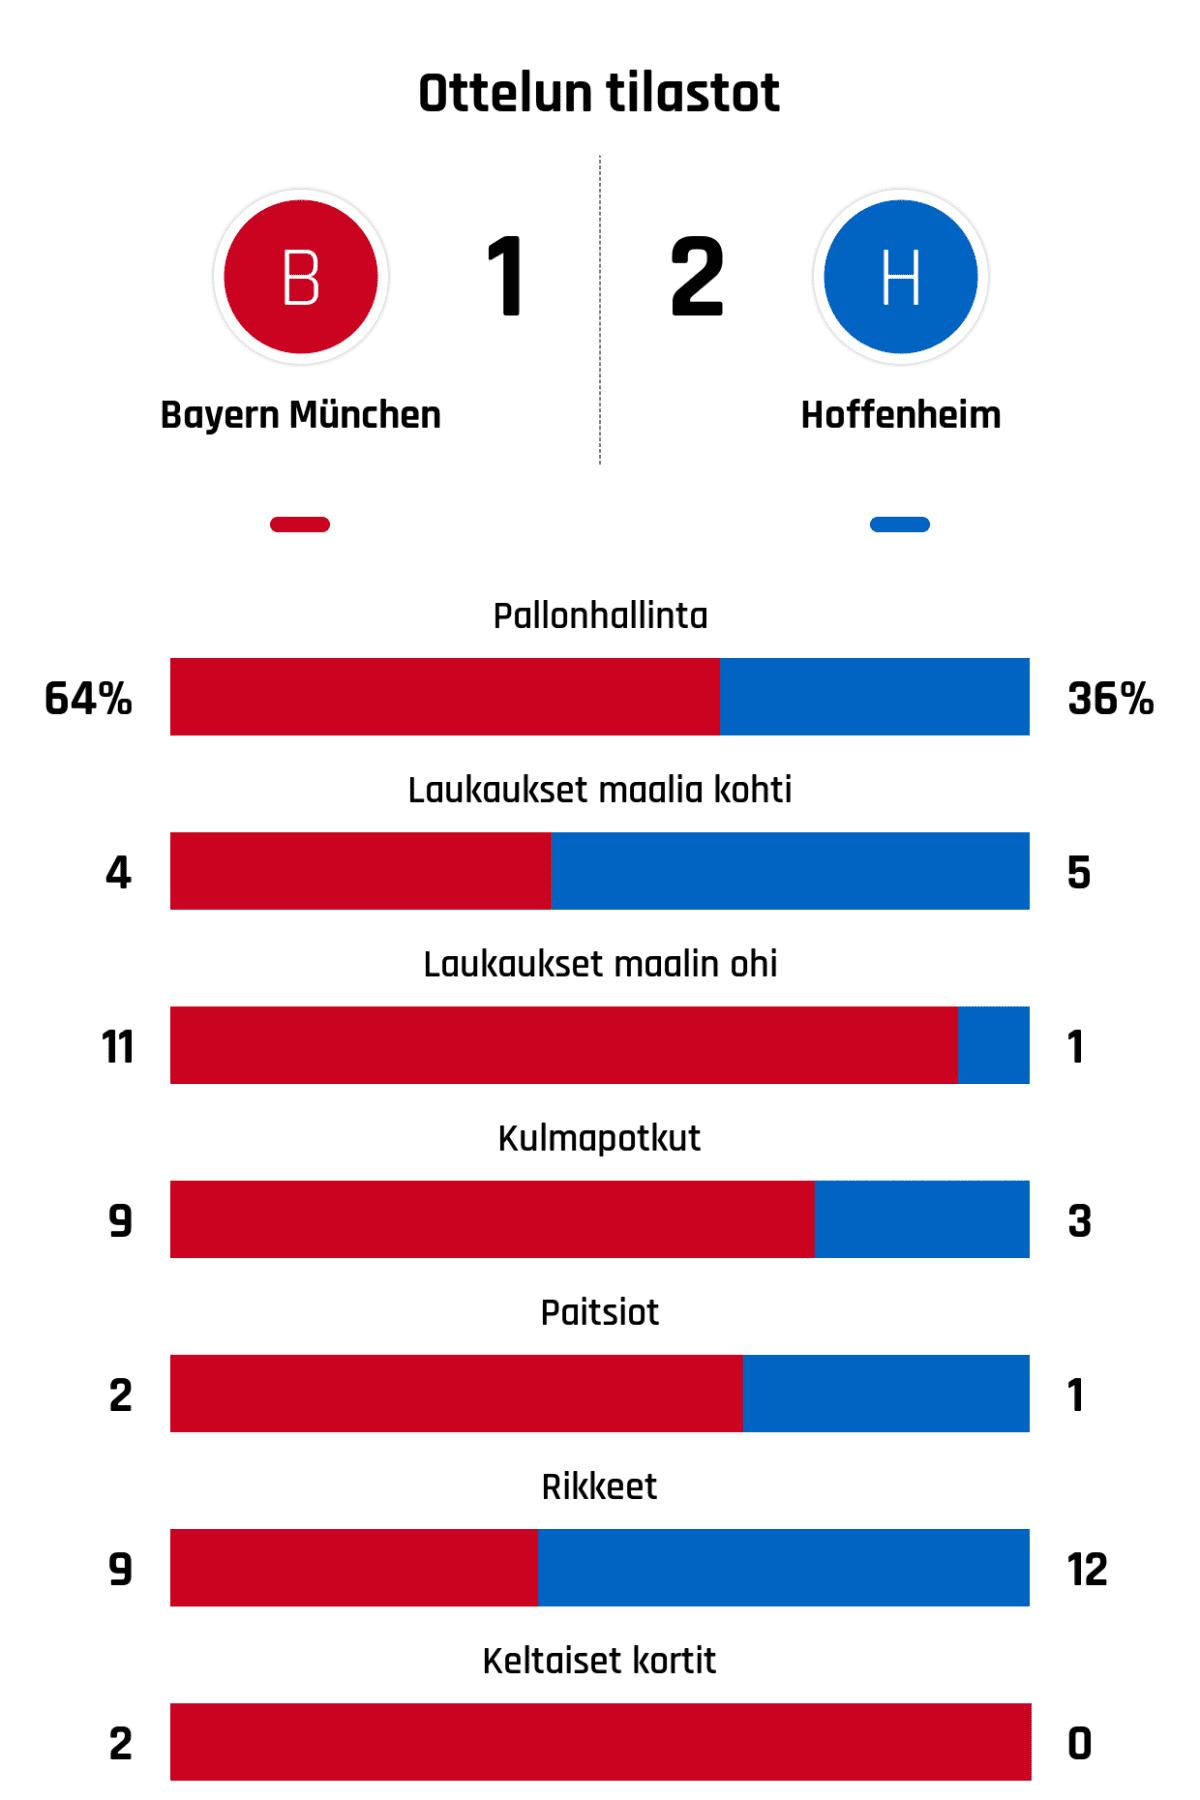 Pallonhallinta 64%-36% Laukaukset maalia kohti 4-5 Laukaukset maalin ohi 11-1 Kulmapotkut 9-3 Paitsiot 2-1 Rikkeet 9-12 Keltaiset kortit 2-0